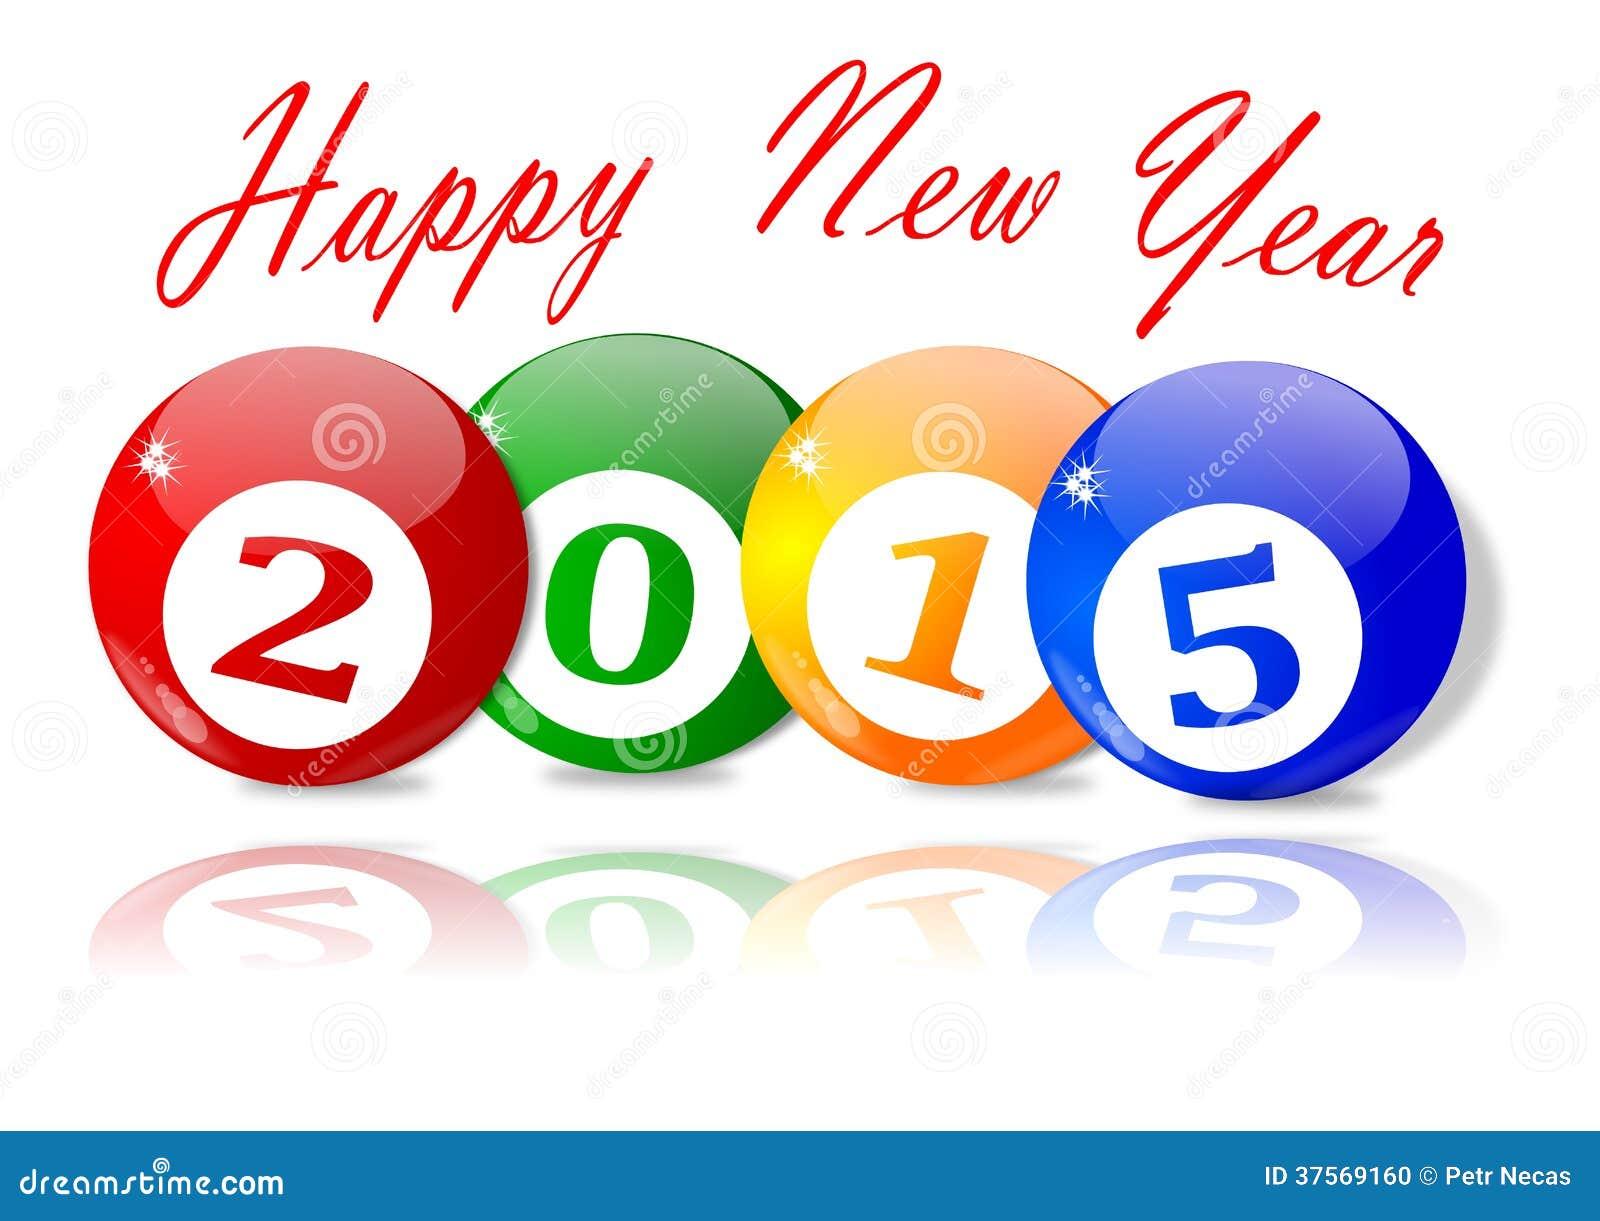 Wünsche Für Das Neue Jahr 2015 Stock Abbildung - Illustration von ...